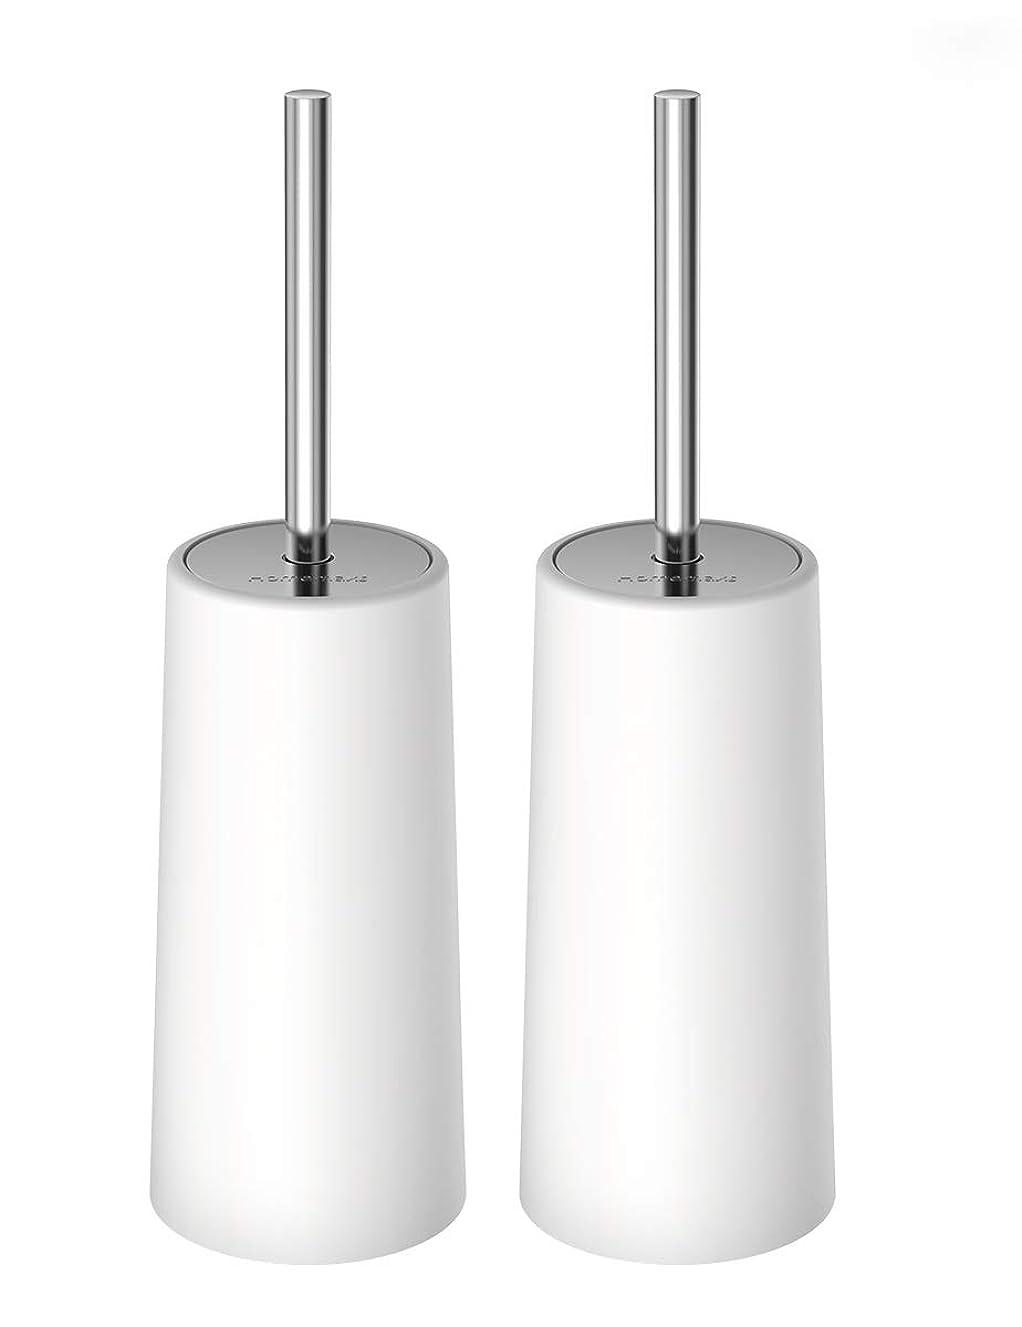 一貫した親指限りHOMEMAXSトイレブラシ 2本セット ケース付き 水はね防止 360度植毛 トイレ掃除用品 コンパクト スッキリ収納 衛生なデザイン 清潔簡単